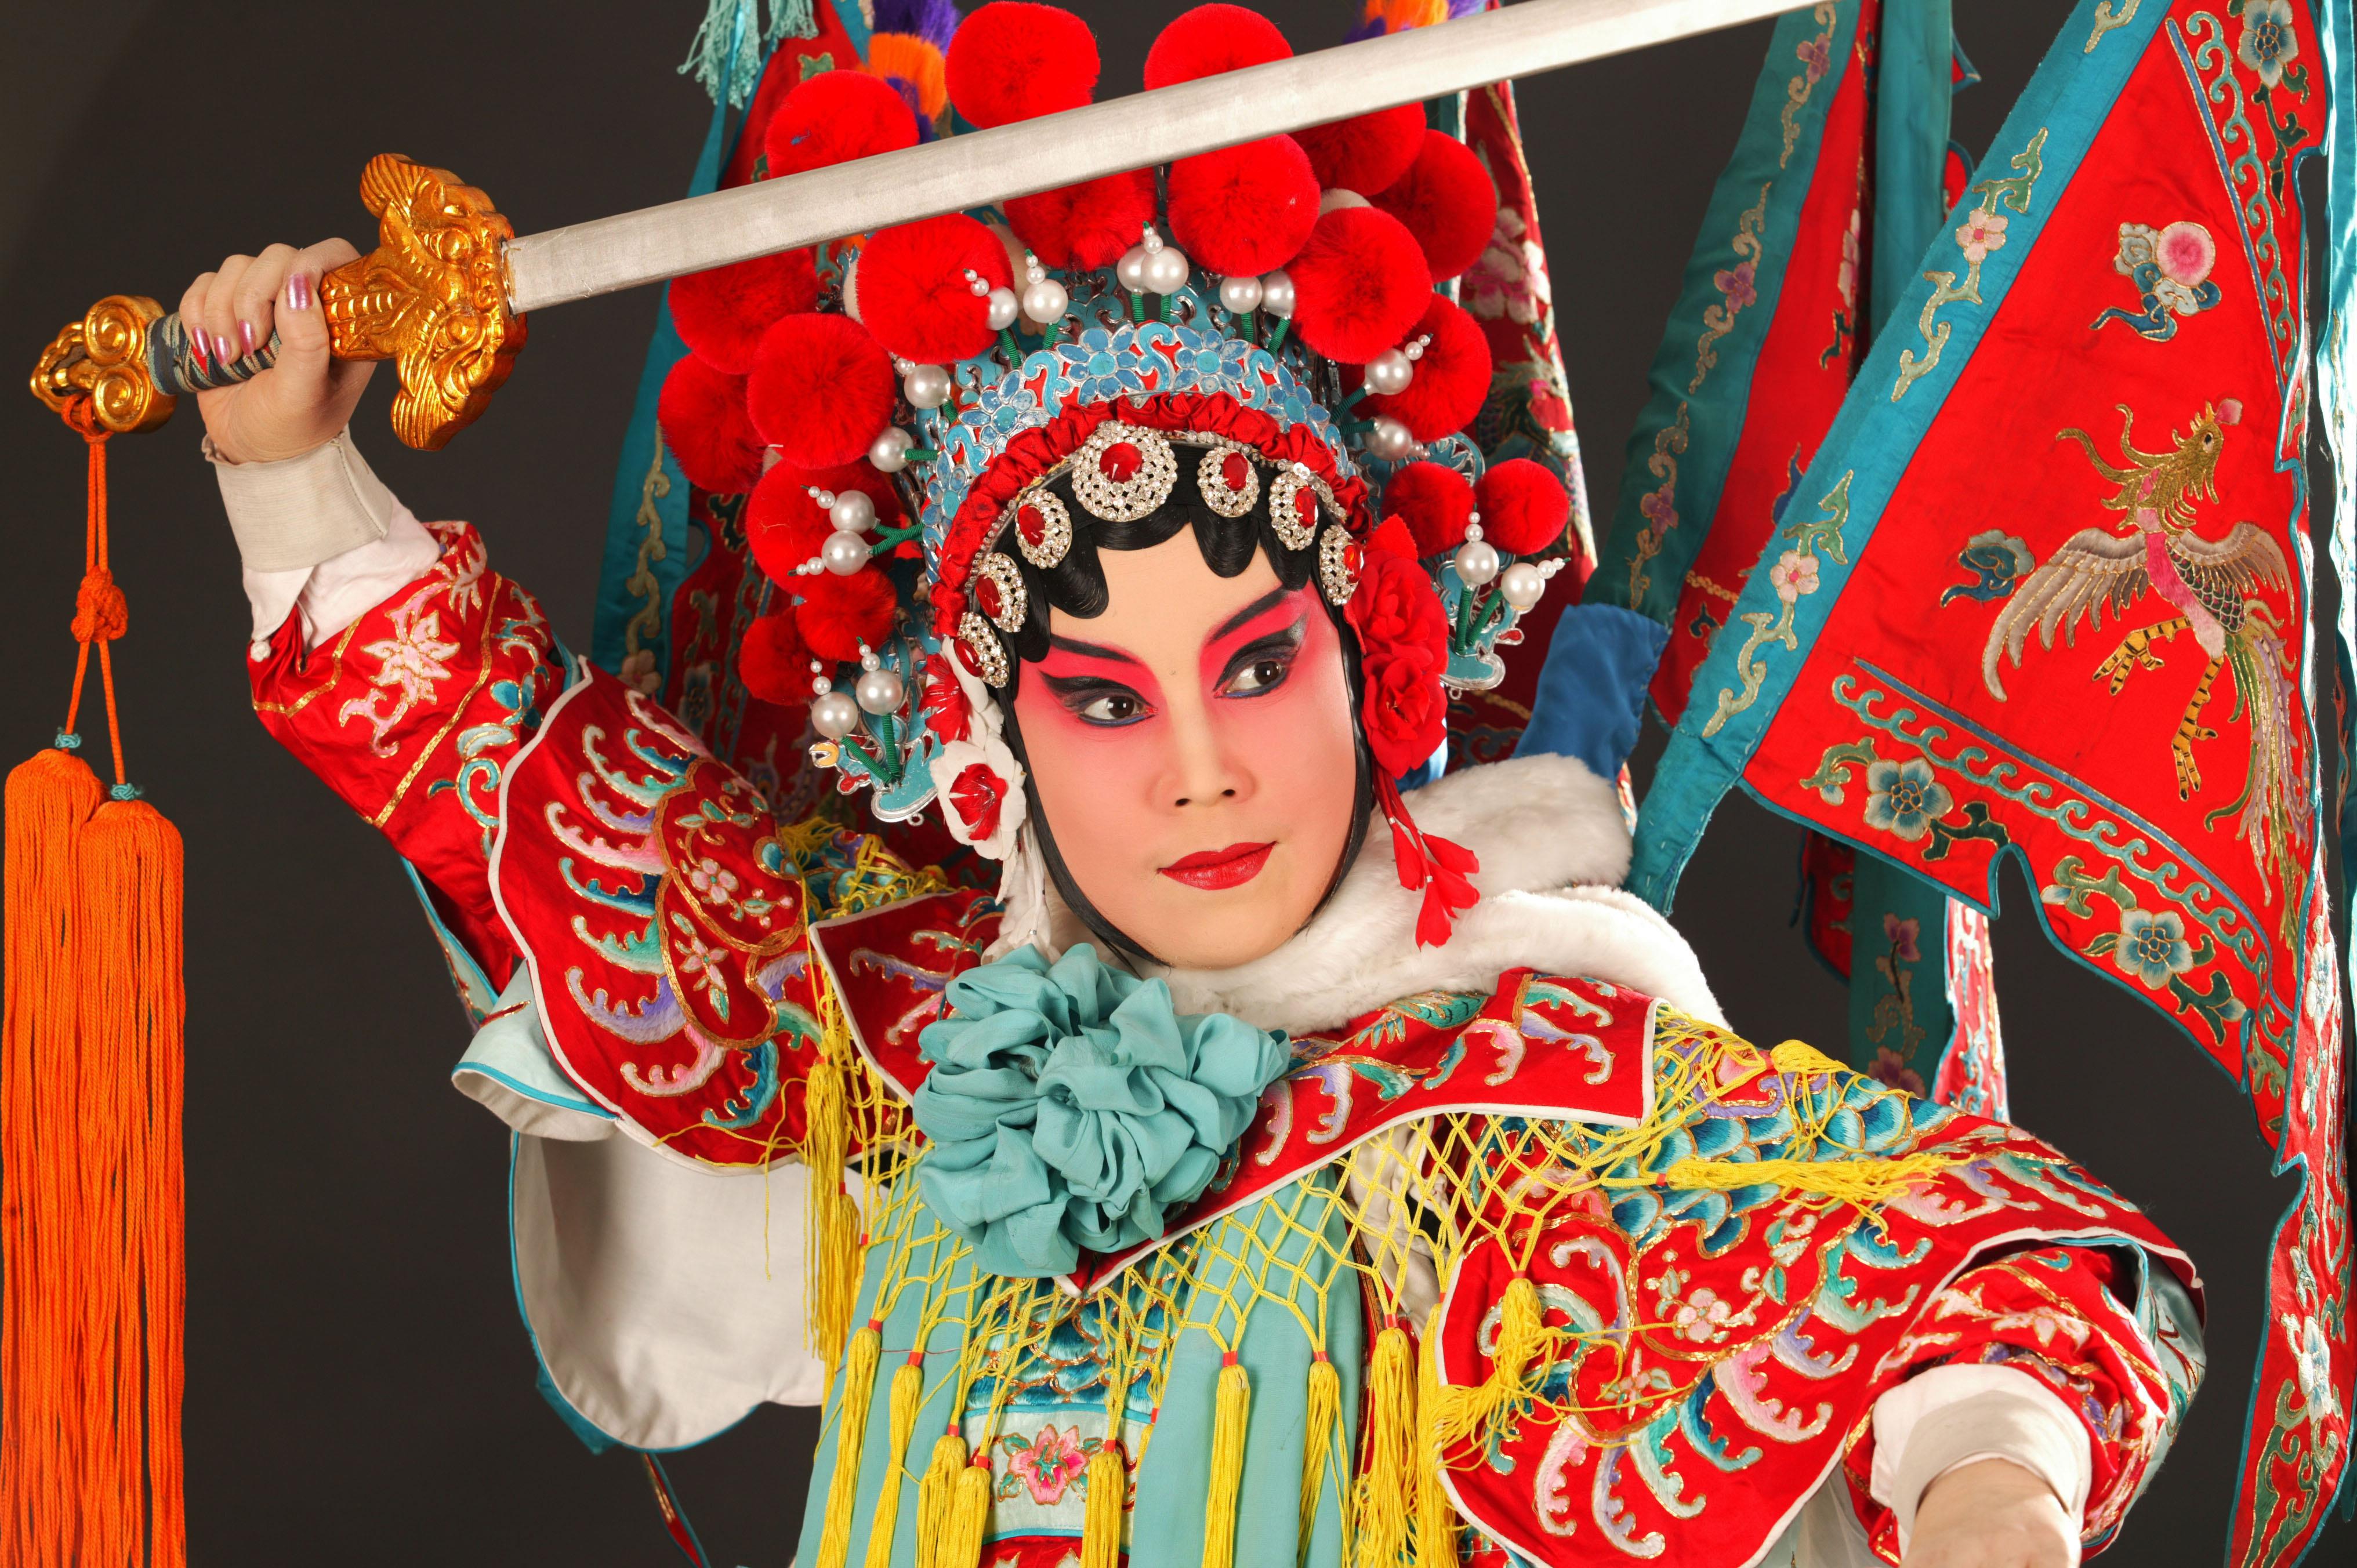 Discover Asia Through Museum Bento